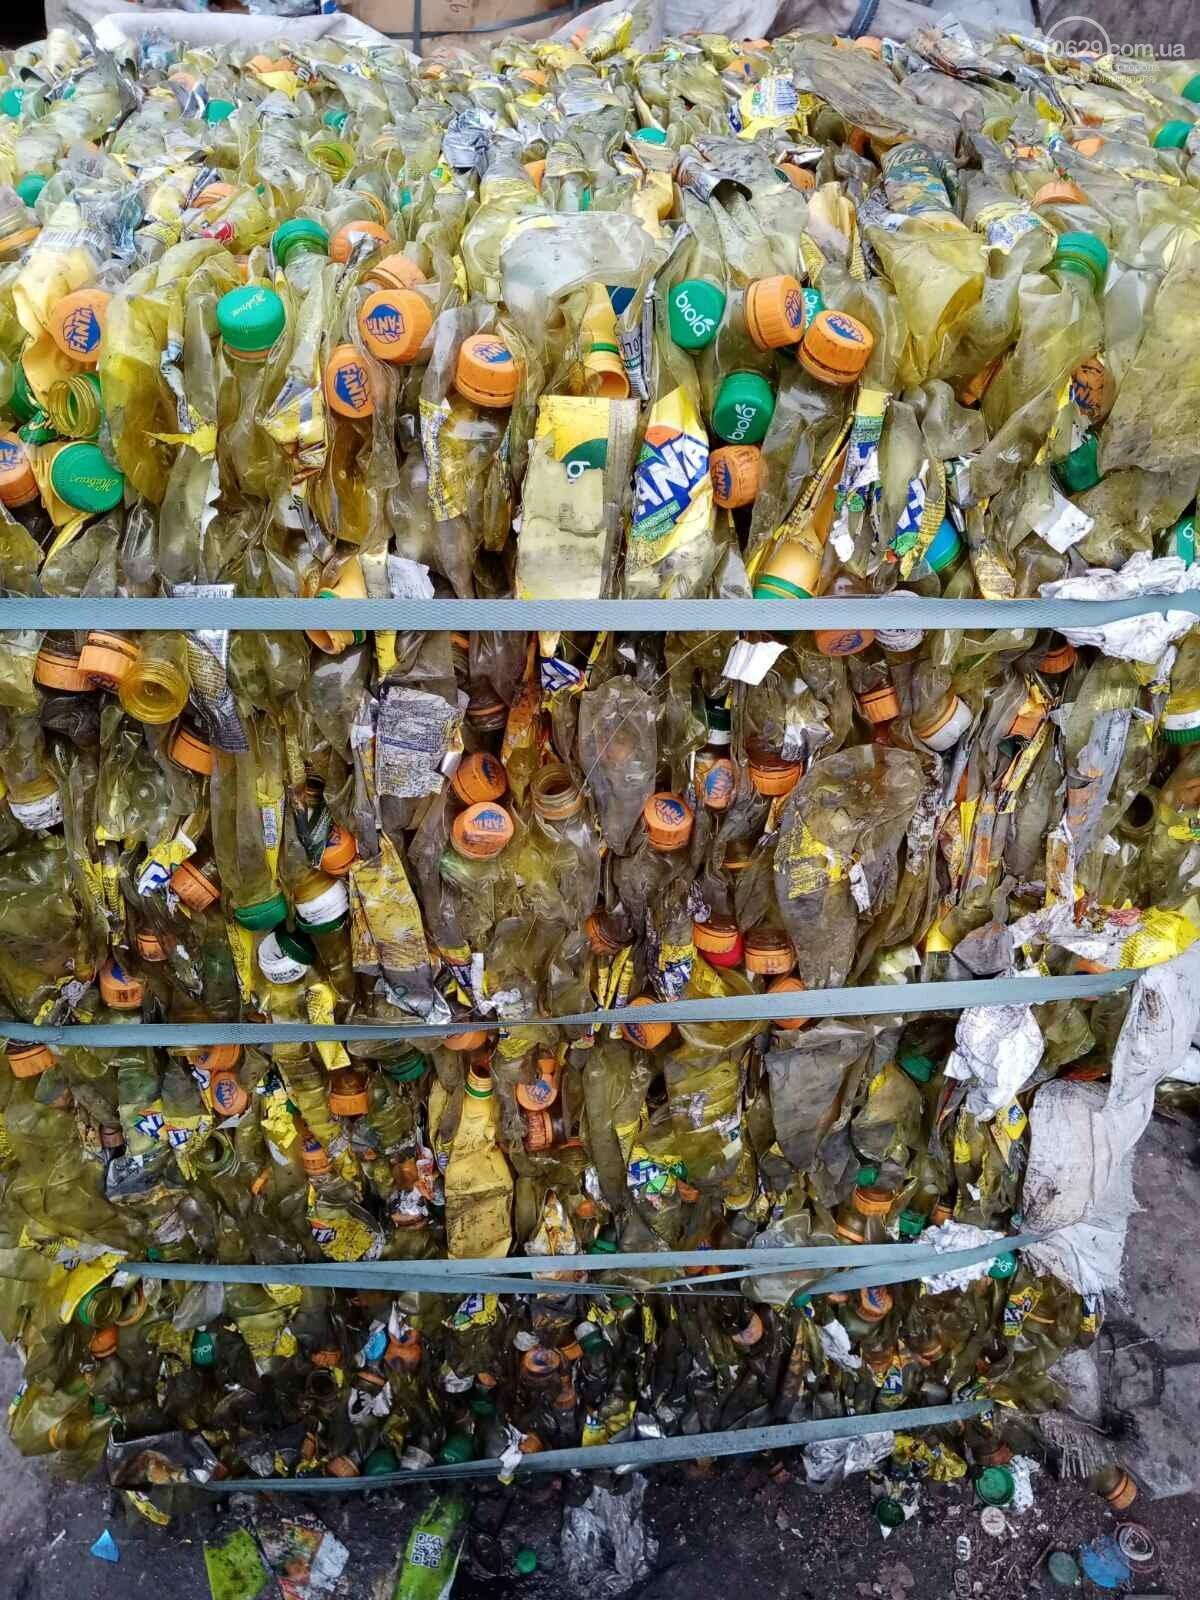 Мариуполь чистый город. Закупаем макулатуру, пластик, ПЭТ, стекло и другие отходы, фото-5